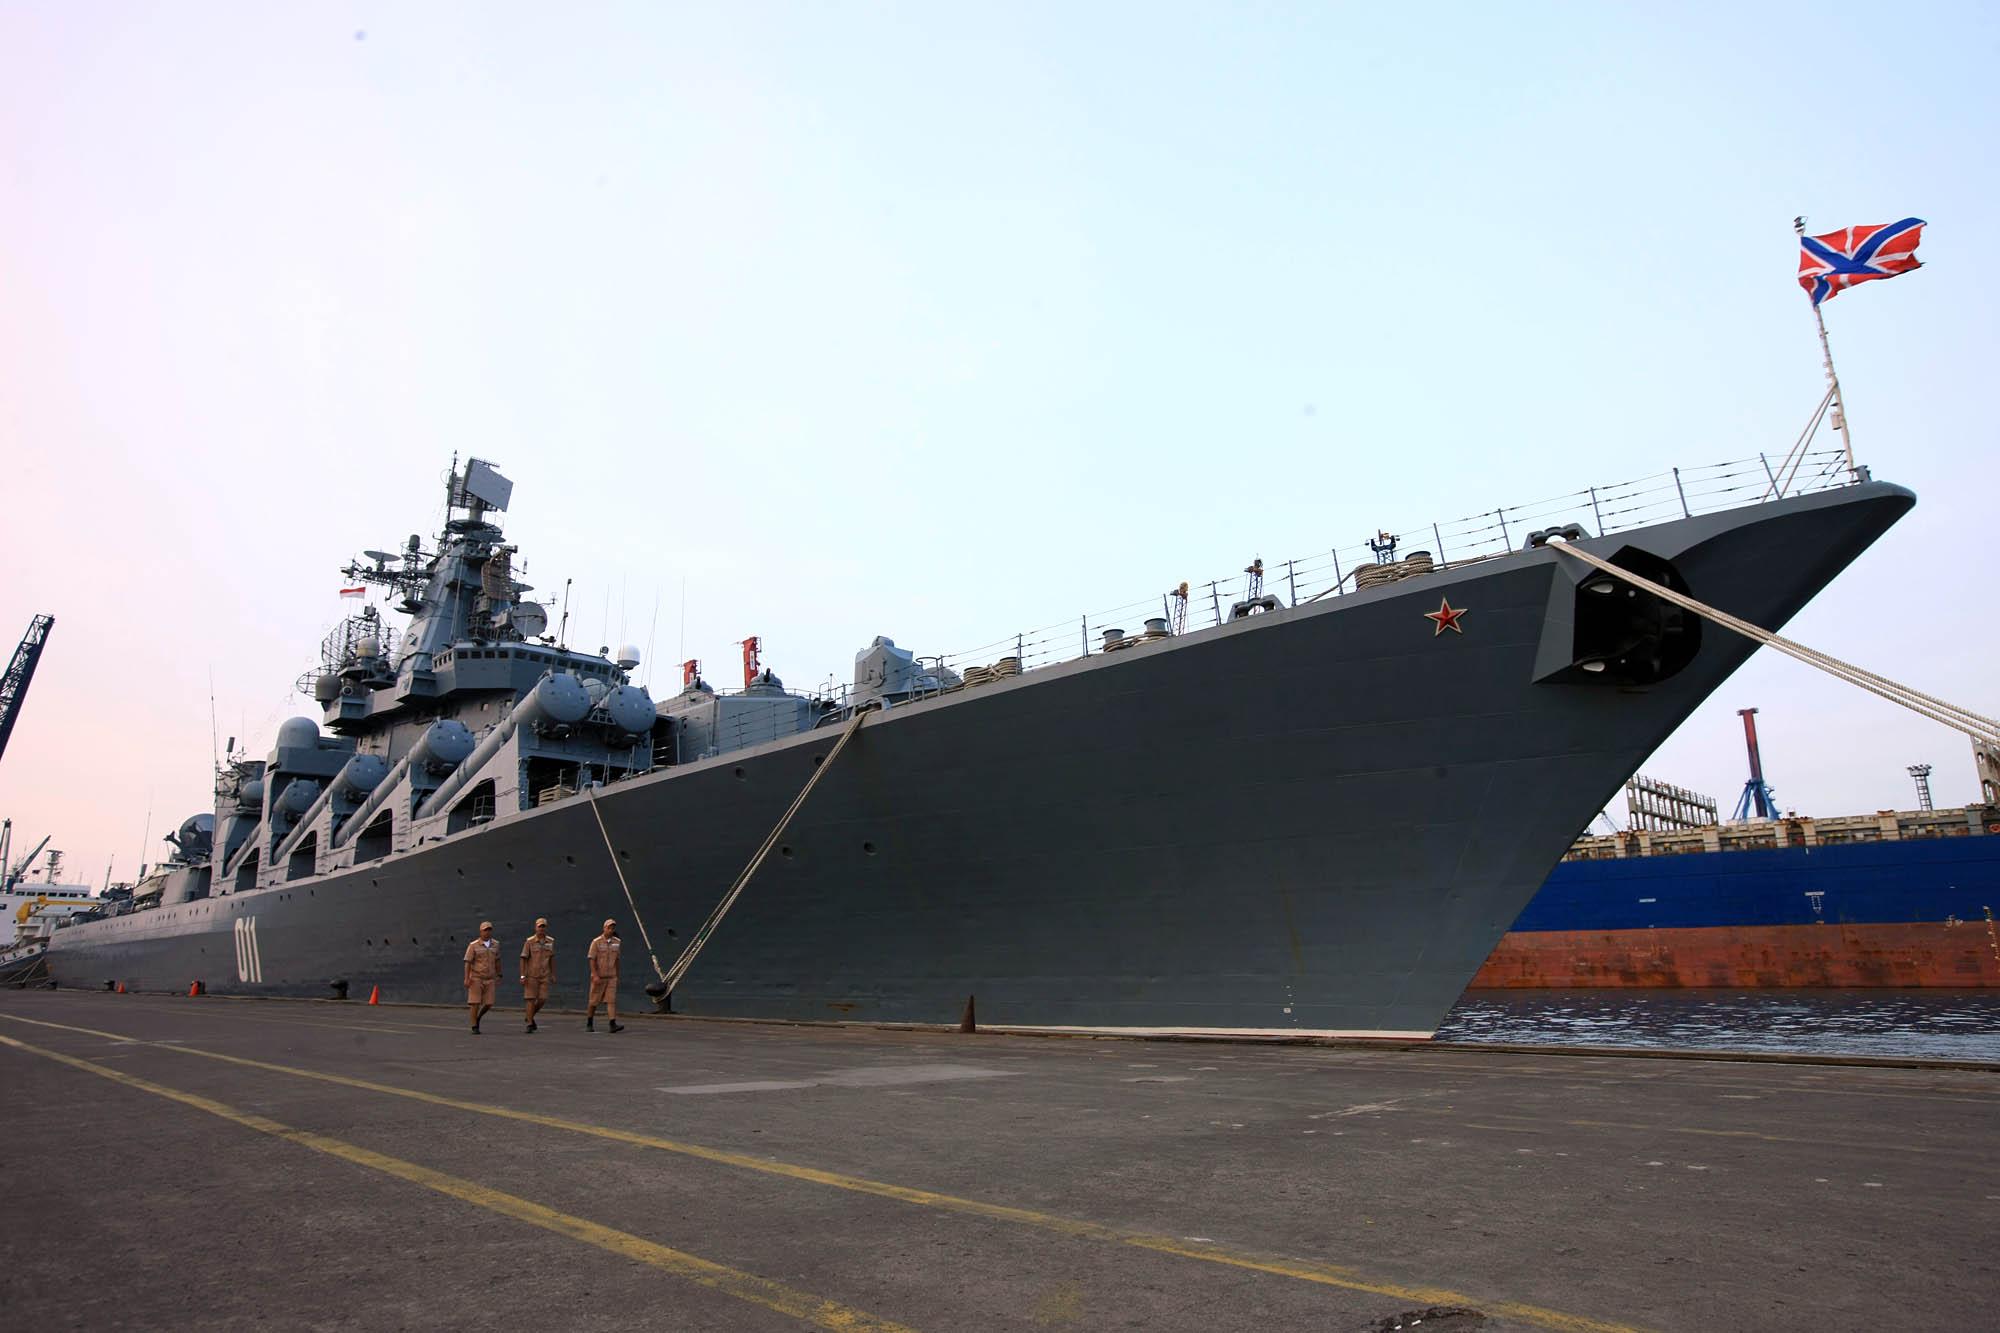 Beberapa awak kapal tampak berjalan di samping kapal jelajah 'Varyag' di Pelabuhan Jakarta International Container Terminal (JICT) 2, Tanjung Priok, Jakarta, Selasa (23/5). Kapal jelajah andalan Armada Pasifik Rusia ini sempat dikirim ke lepas pantai Suriah pada awal 2016 lalu untuk menggantikan kapal jelajah 'Moskva' yang saat itu disiagakan untuk menjaga keamanan Pangkalan Udara Hmeimim di Suriah sejak 25 November 2015.